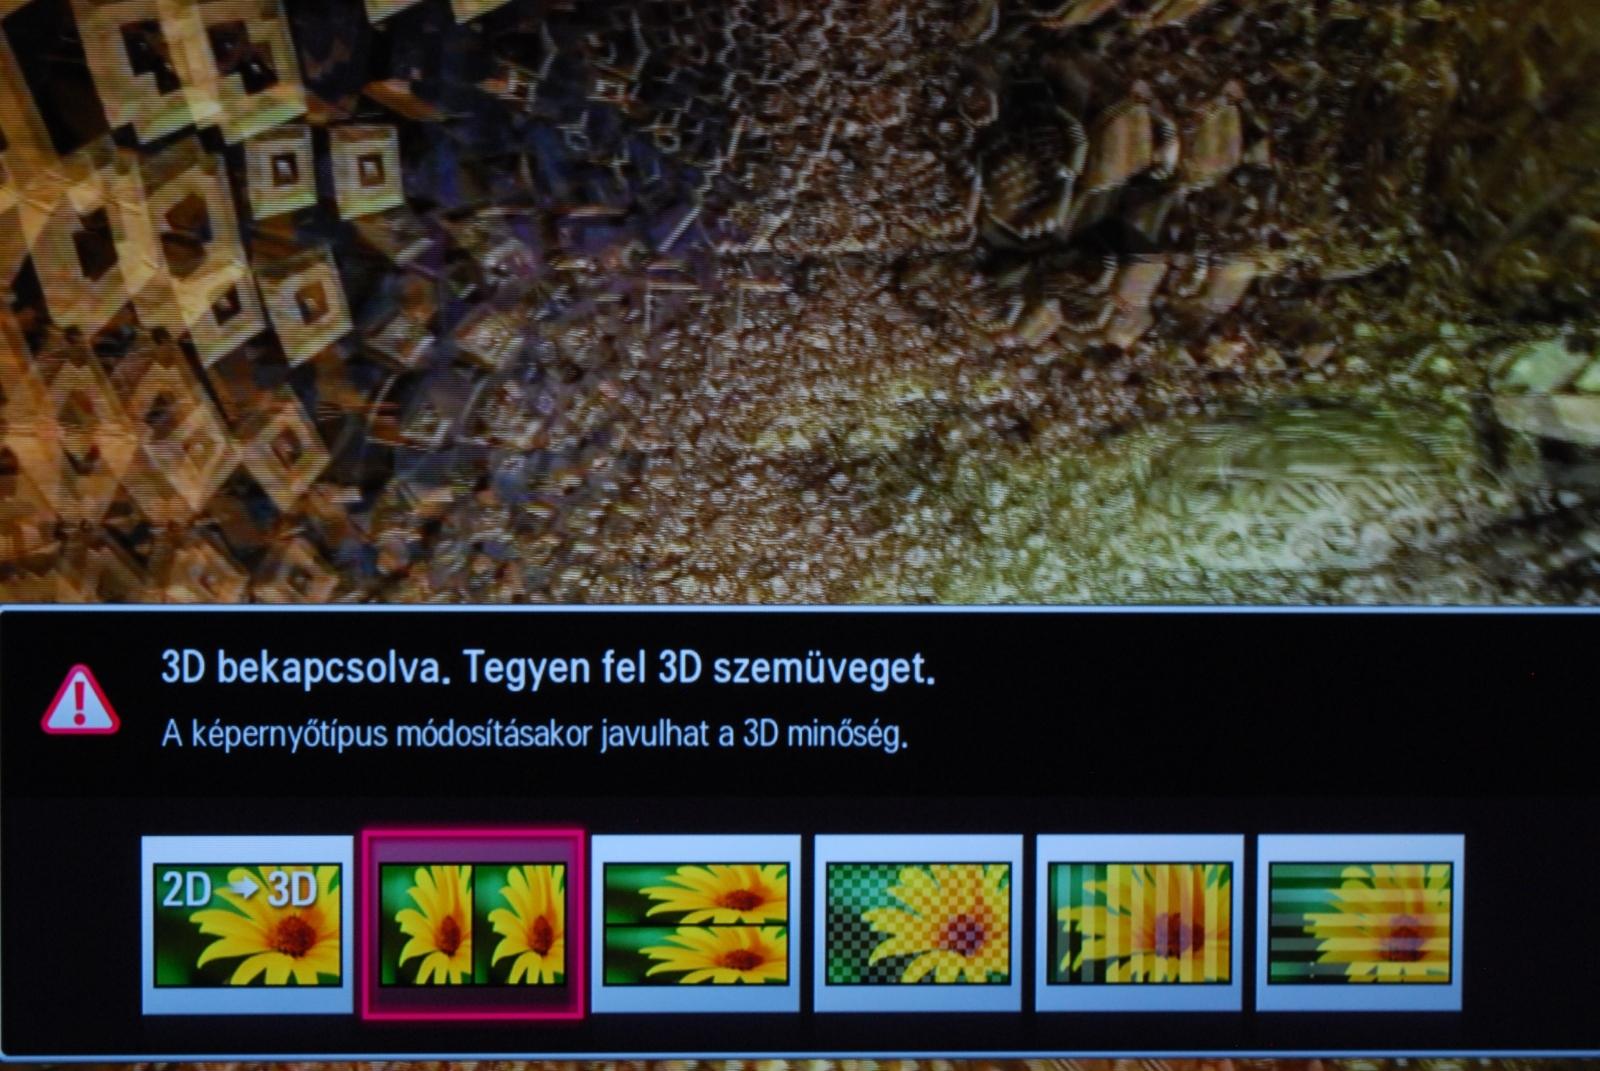 Felsőkategória elérhető áron  LG 47LA740S 3D tv - PROHARDVER! TV ... 393733f43b